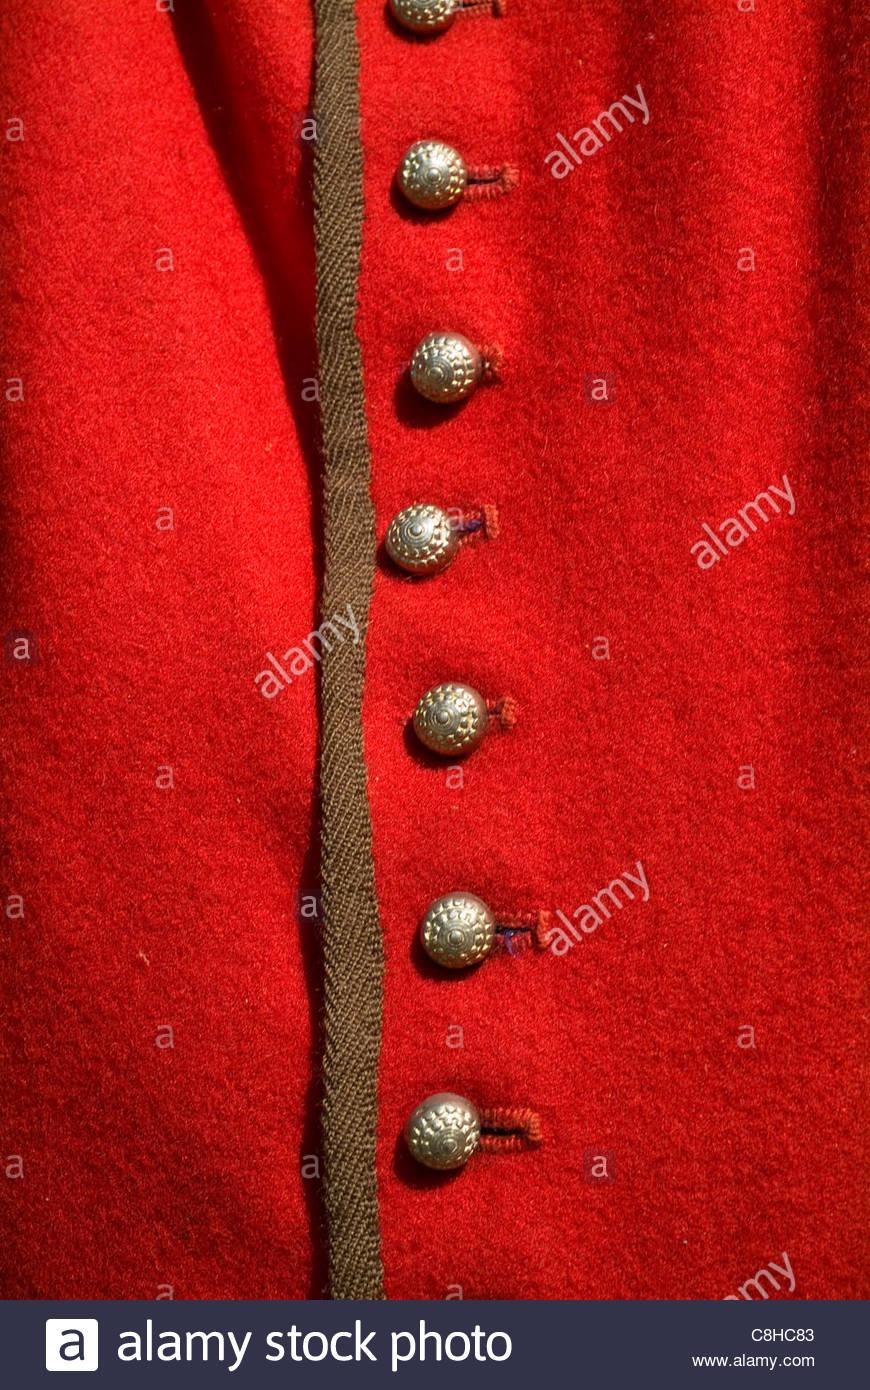 Jamestown Settlement chiudere i dettagli di capi di abbigliamento indossati dai primi coloni. Immagini Stock